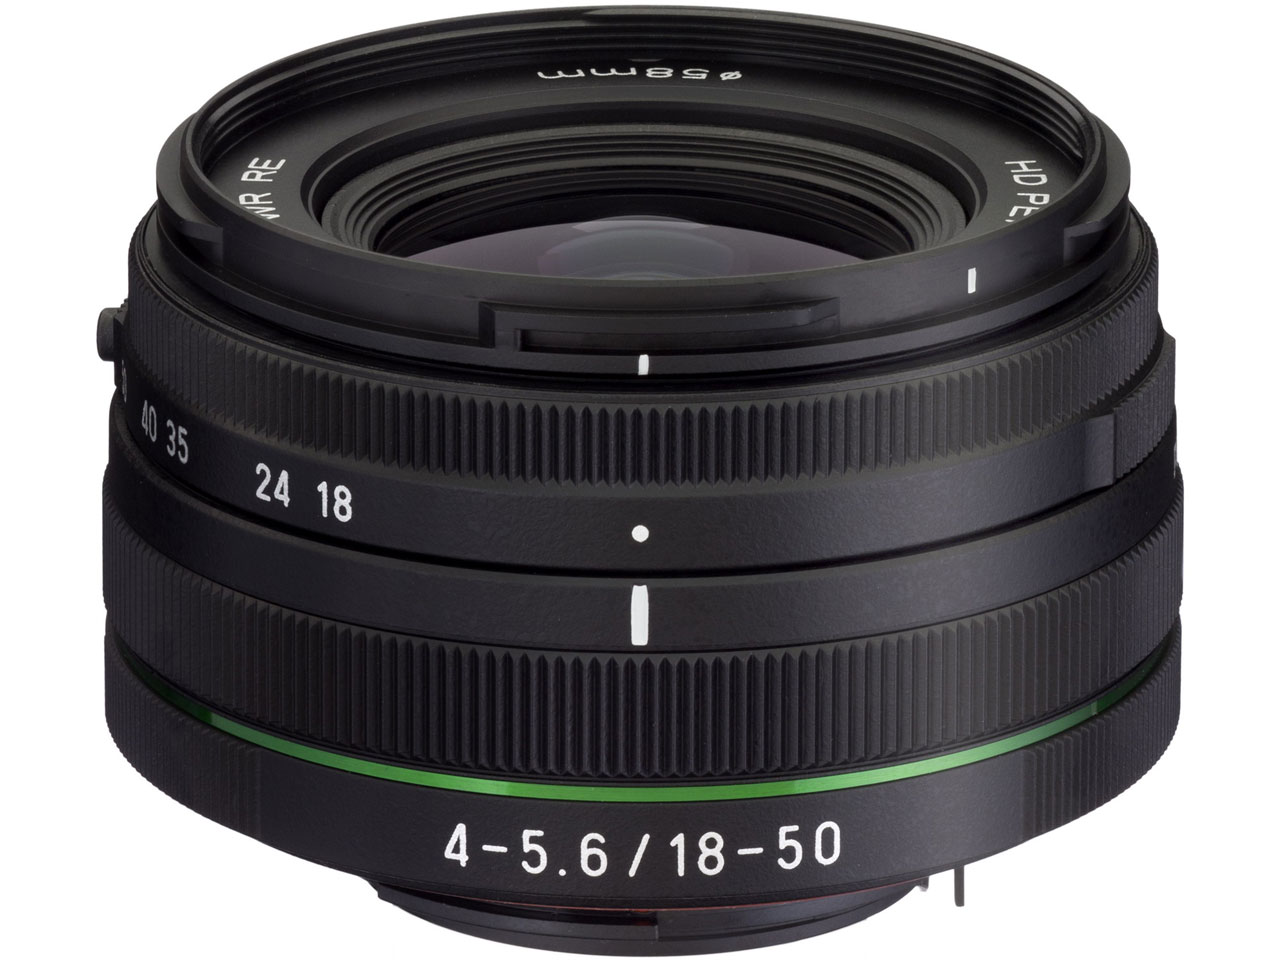 HD PENTAX-DA 18-50mmF4-5.6 DC WR RE �̐��i�摜